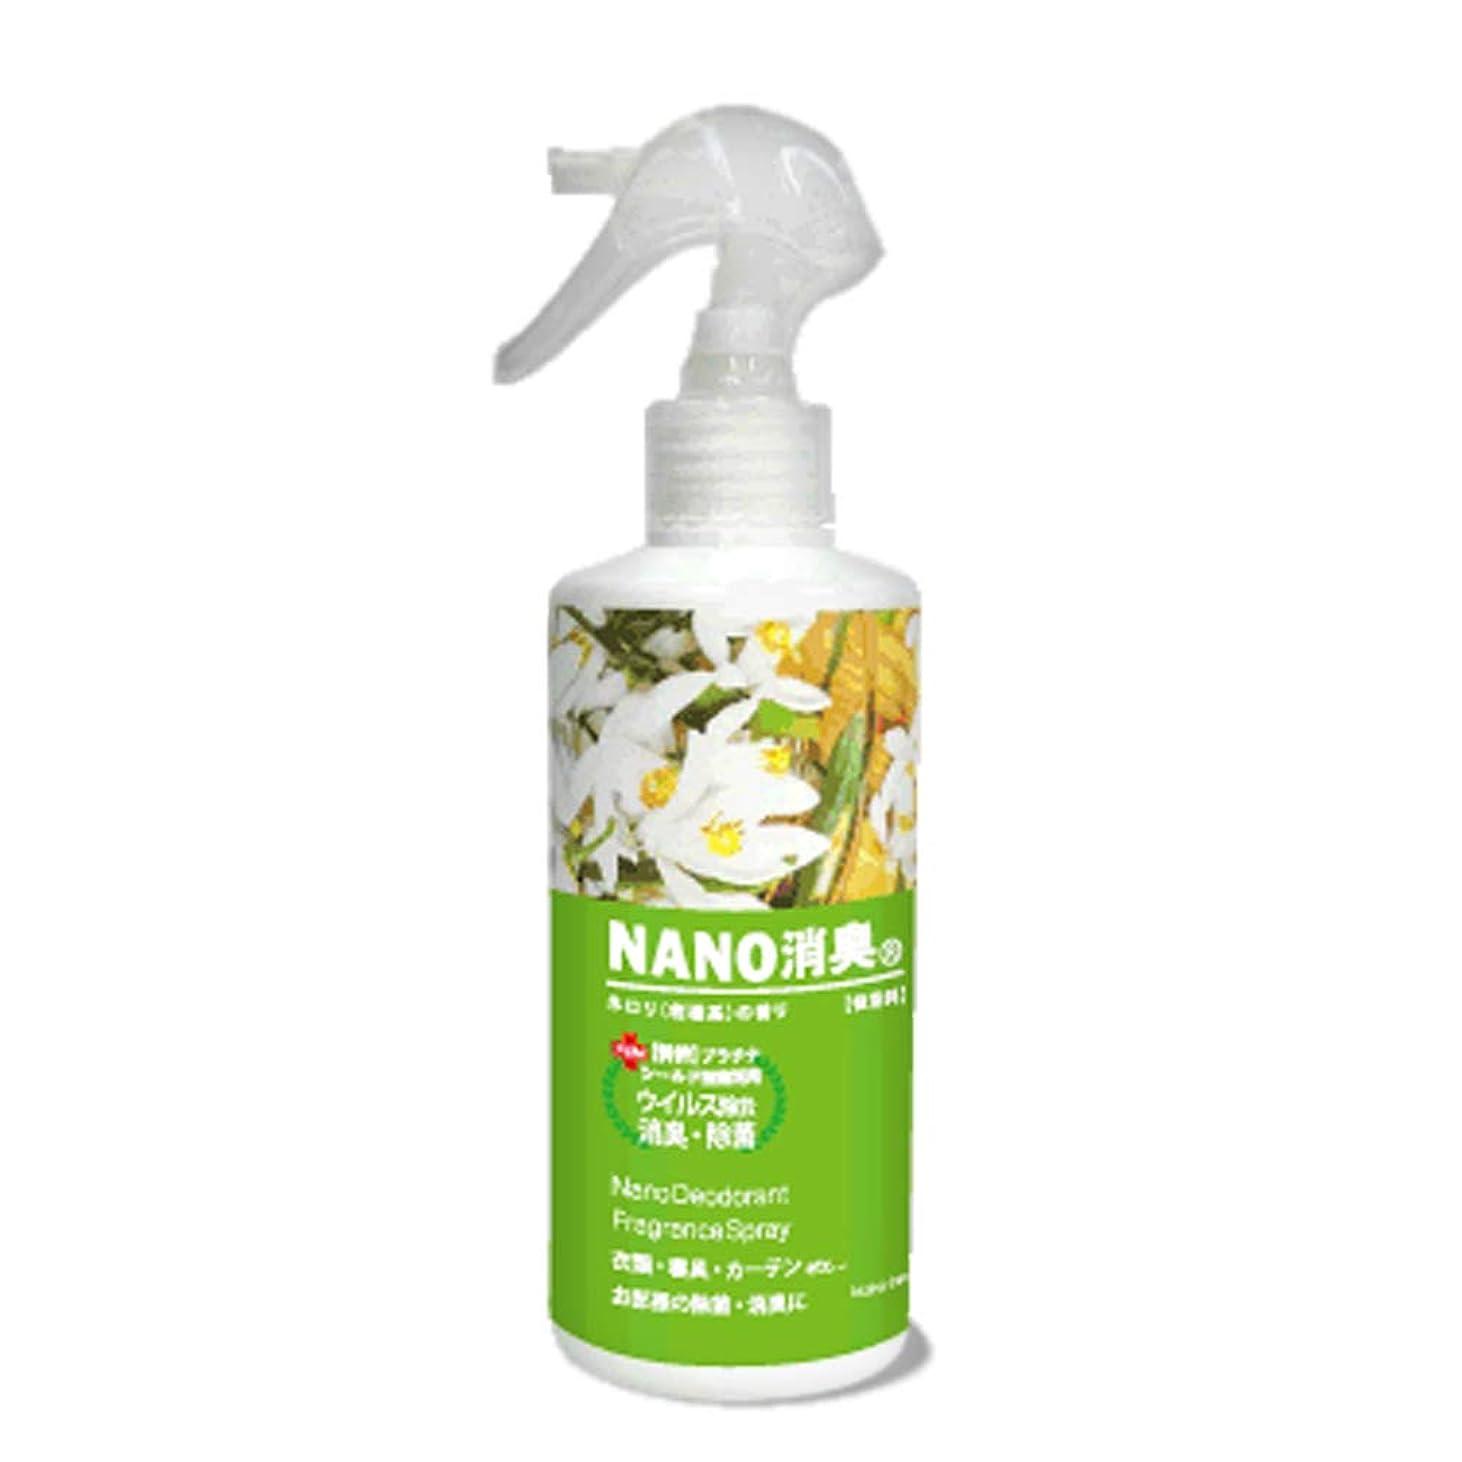 法律によりリーガンライナーNANO消臭 スプレー マスク スプレー トイレ 消臭剤 芳香剤 (ネロリ)